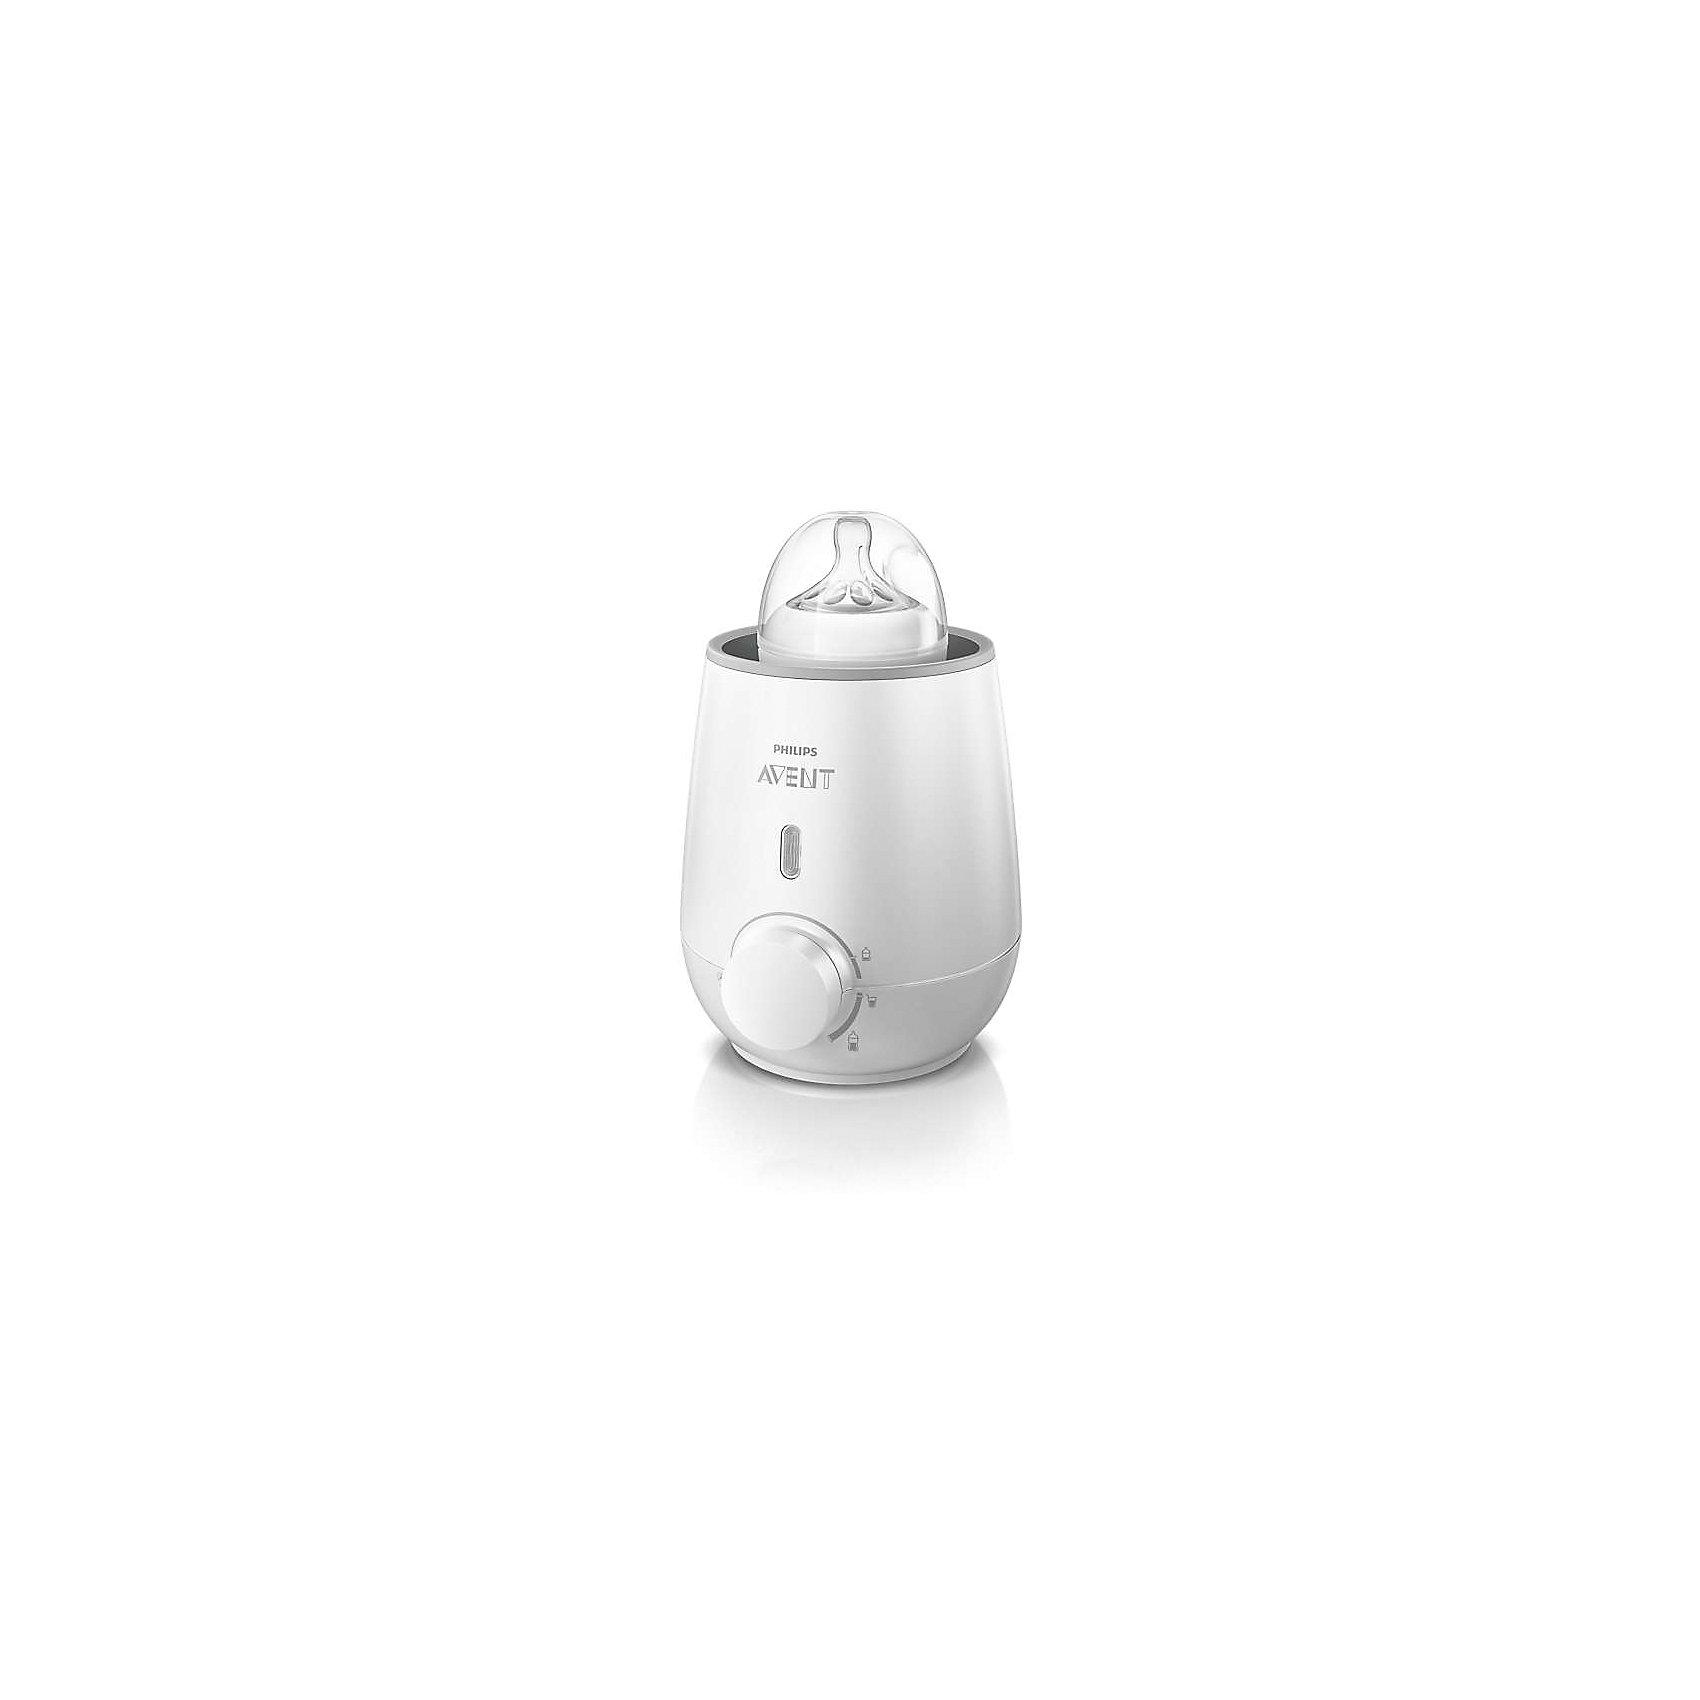 PHILIPS AVENT Электрический подогреватель бутылочек для дет. питания, Philips Avent silverlit silverlit радиоуправляемые машинки икс райдер